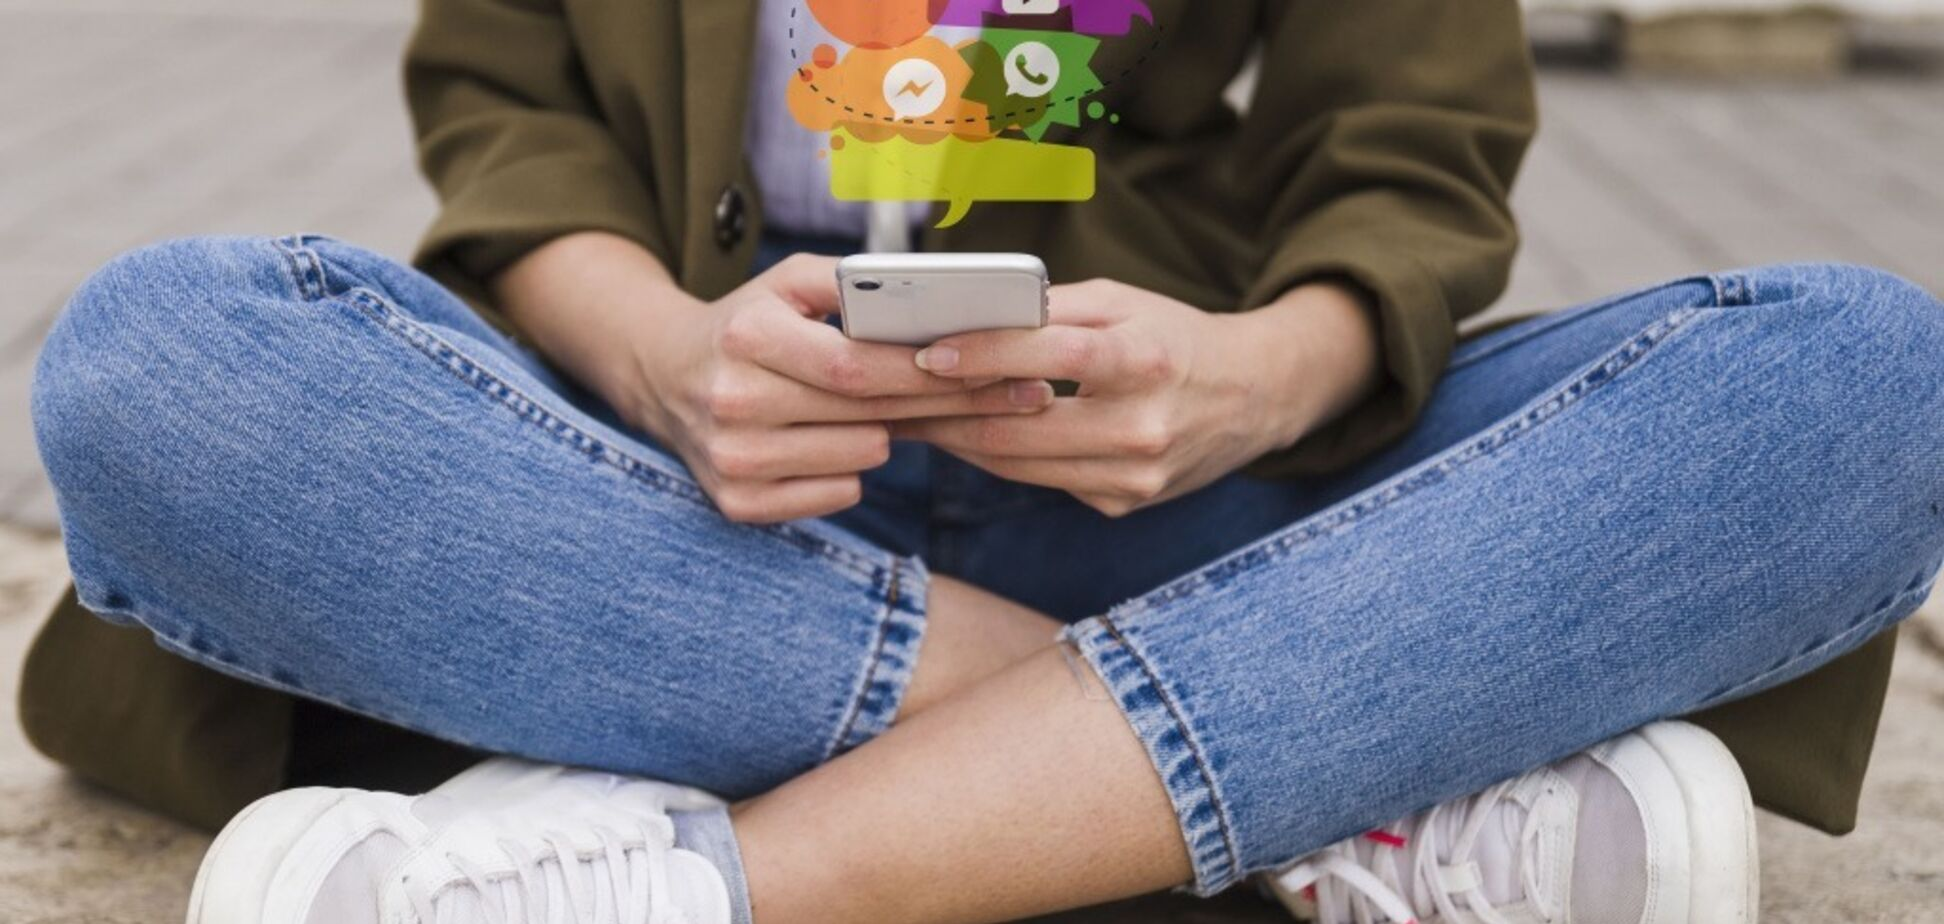 Дети в социальных сетях – развлечение или реальная опасность?